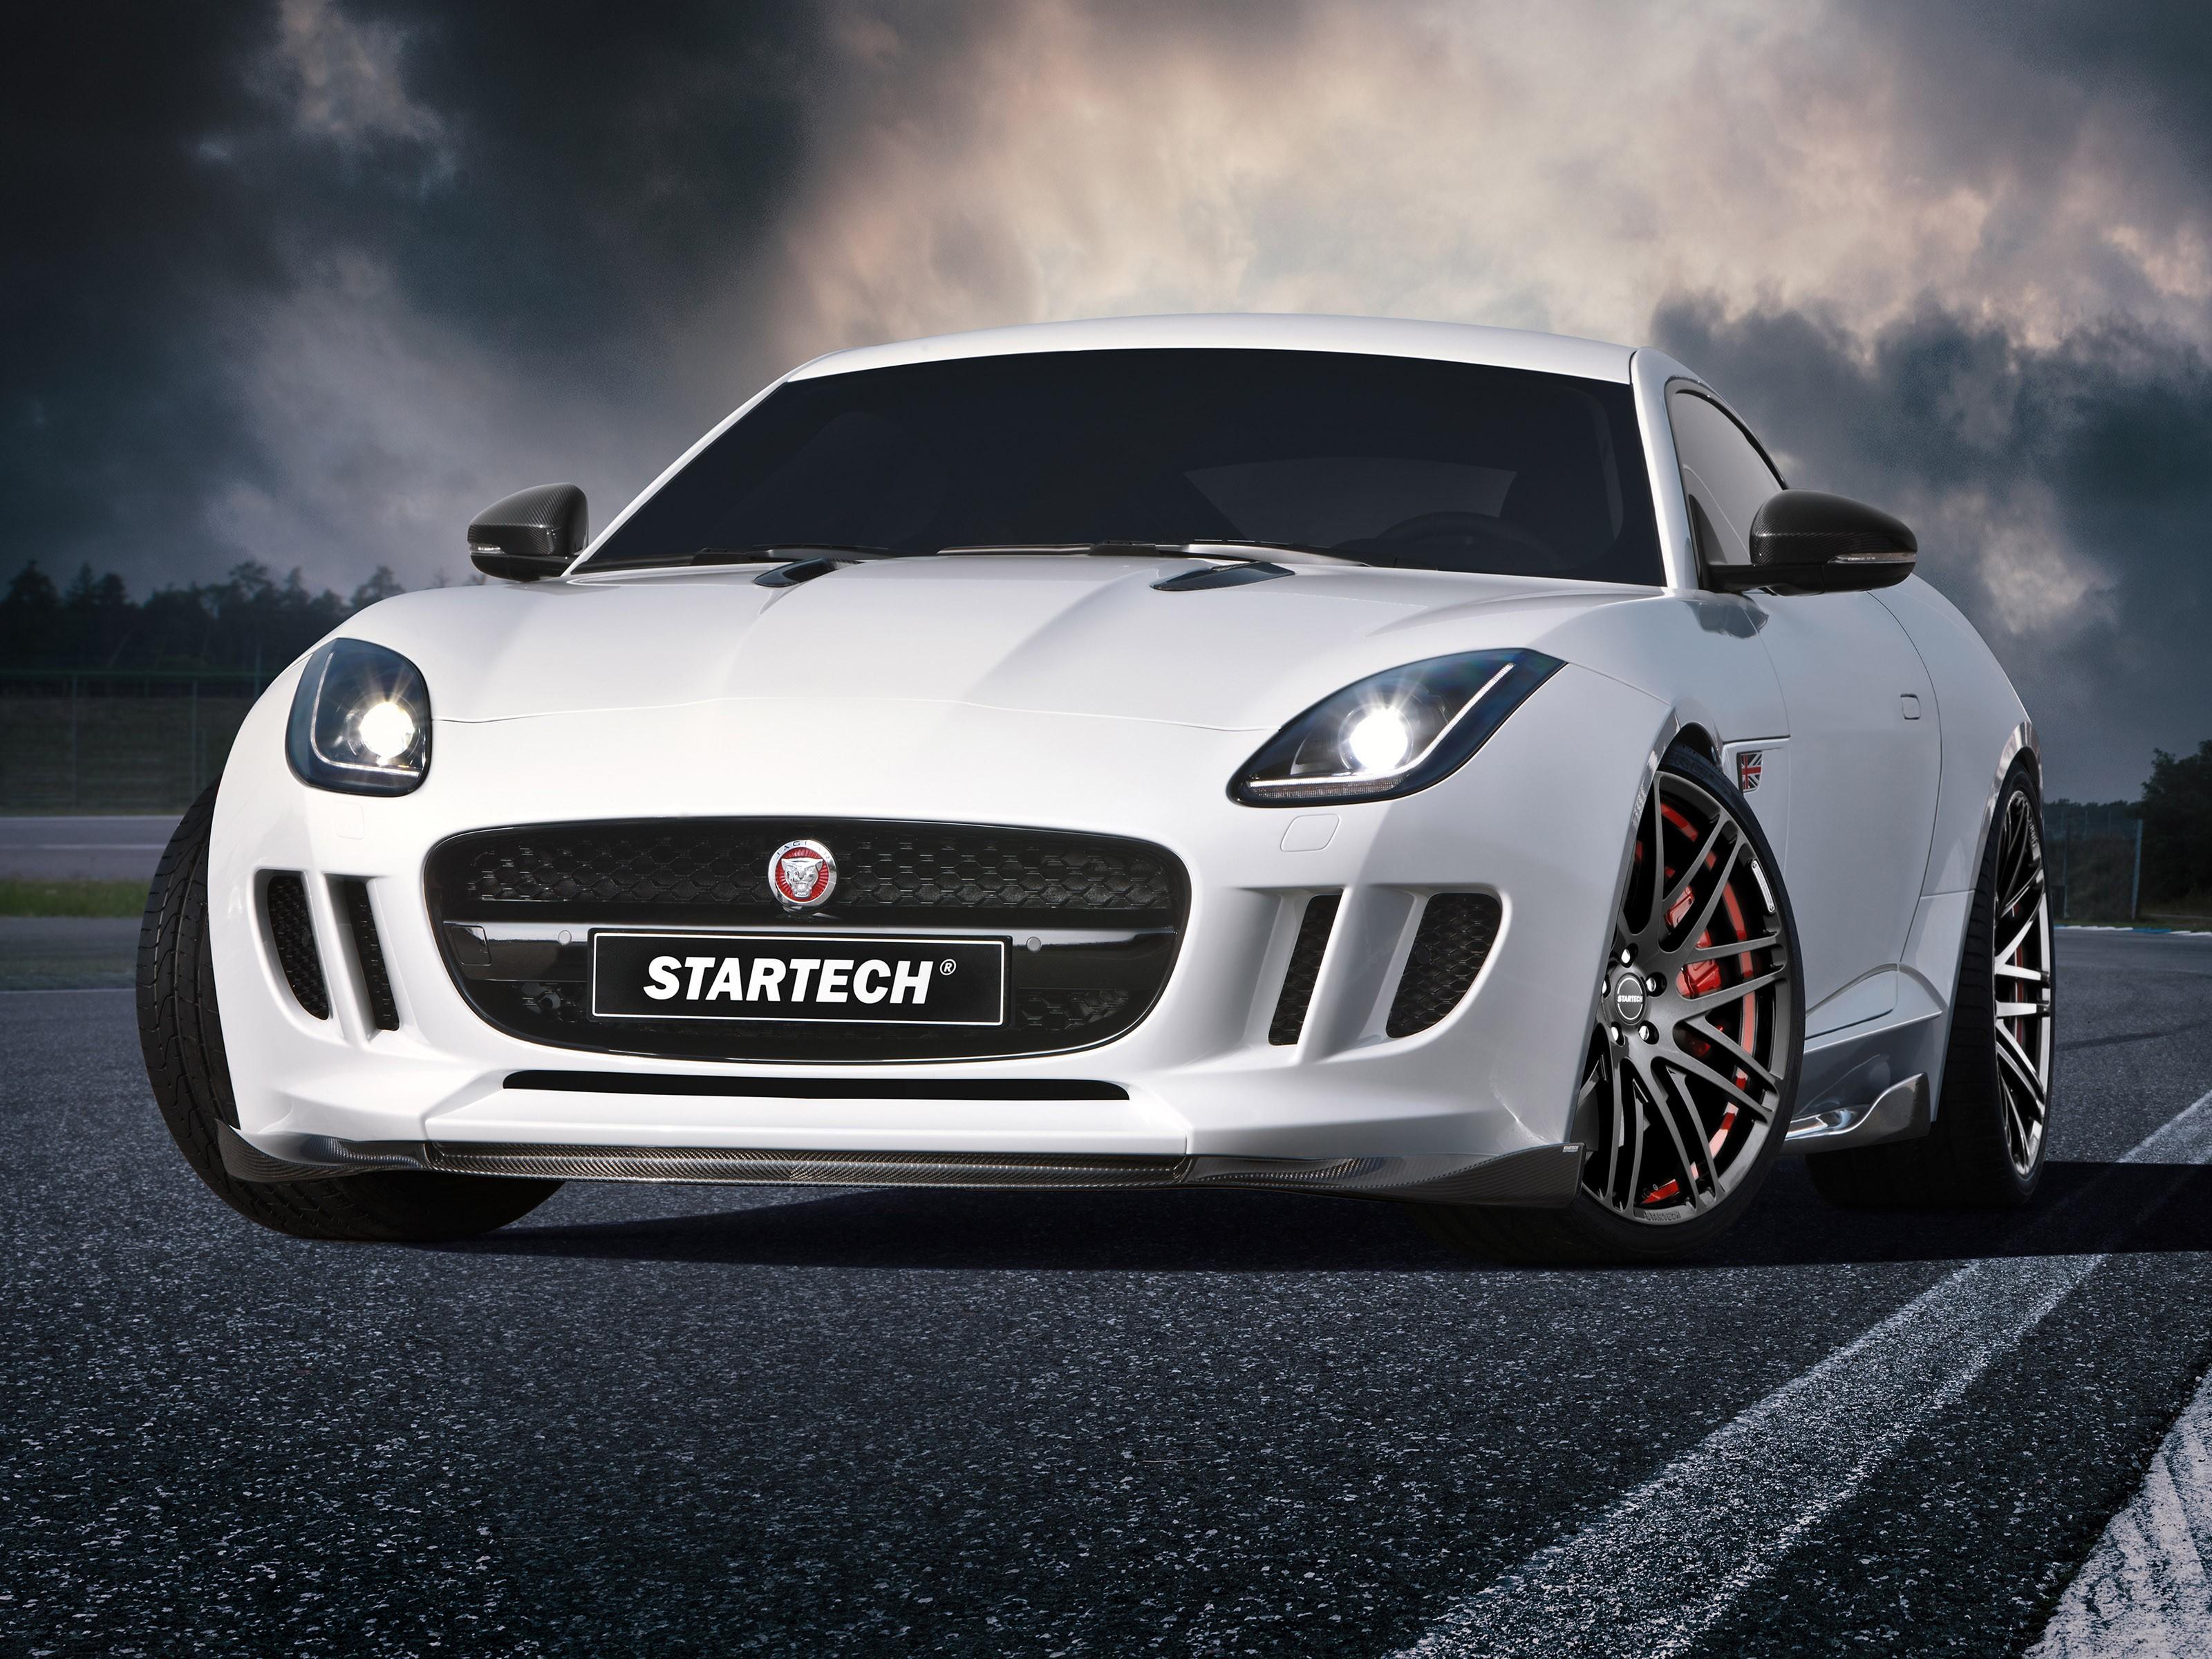 2015 Startech Jaguar F-Type Coupe